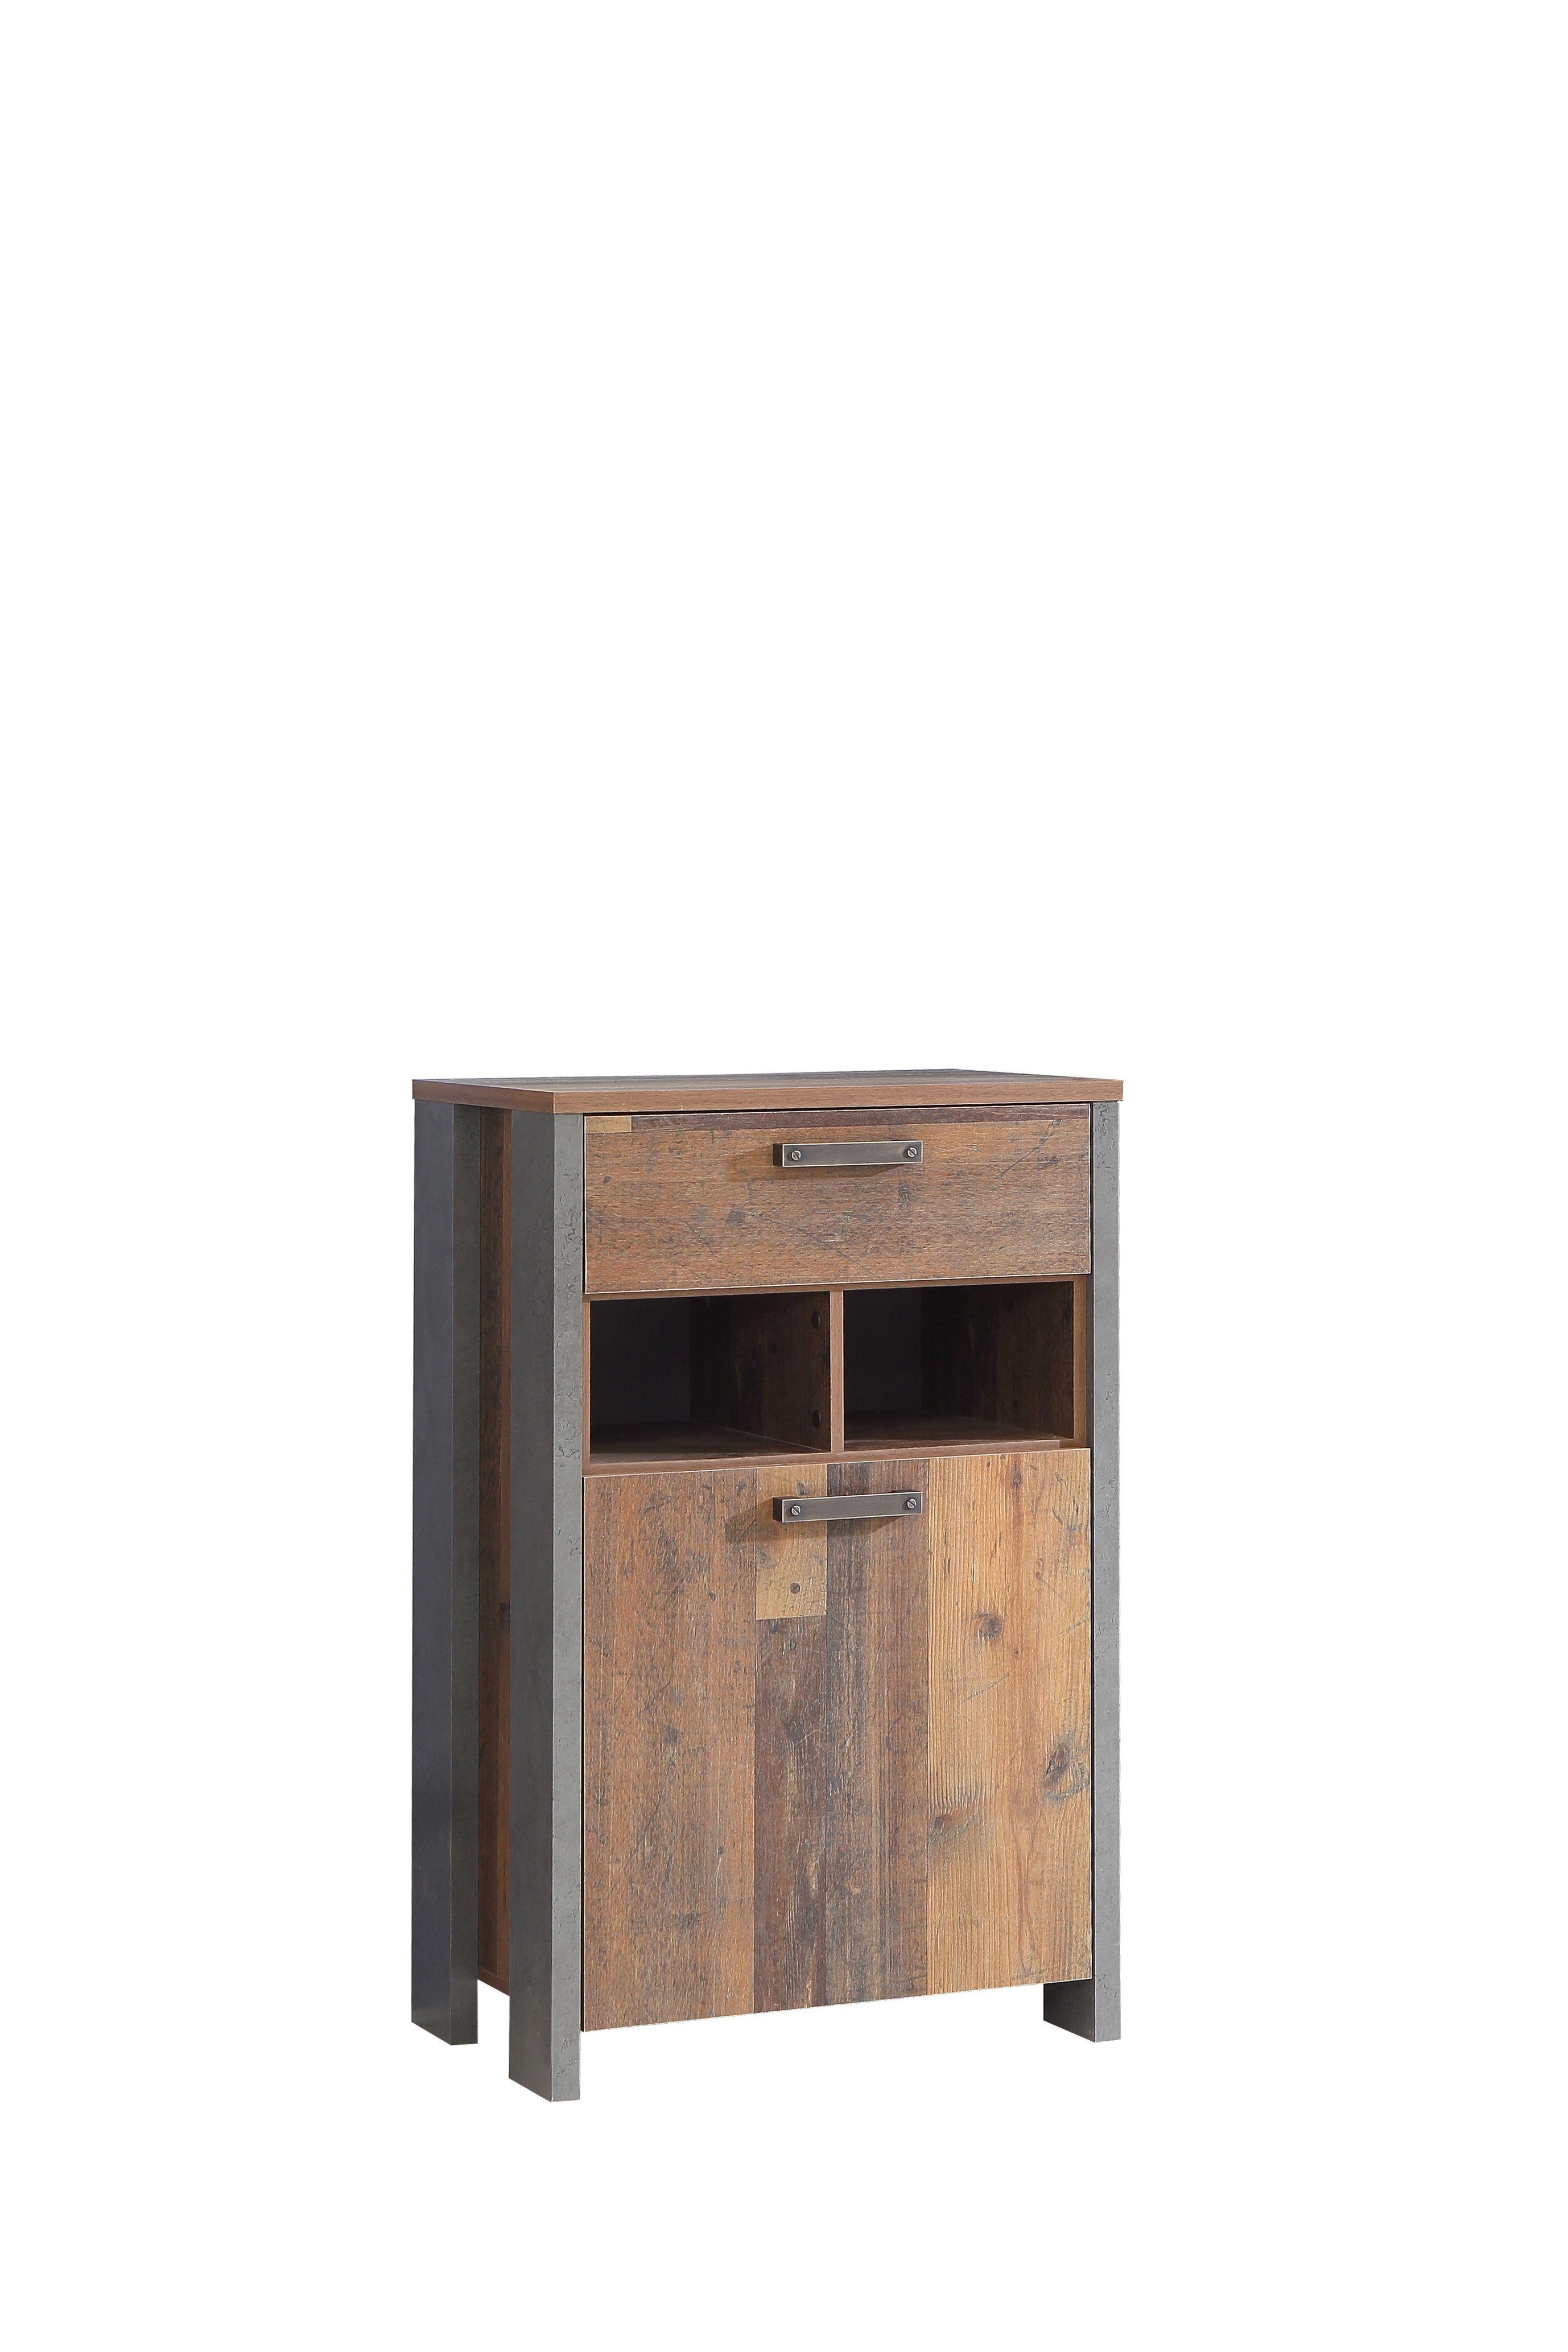 Schuhschrank Clif Von Forte Old Wood Vintage Betonoptik Dunkelgrau